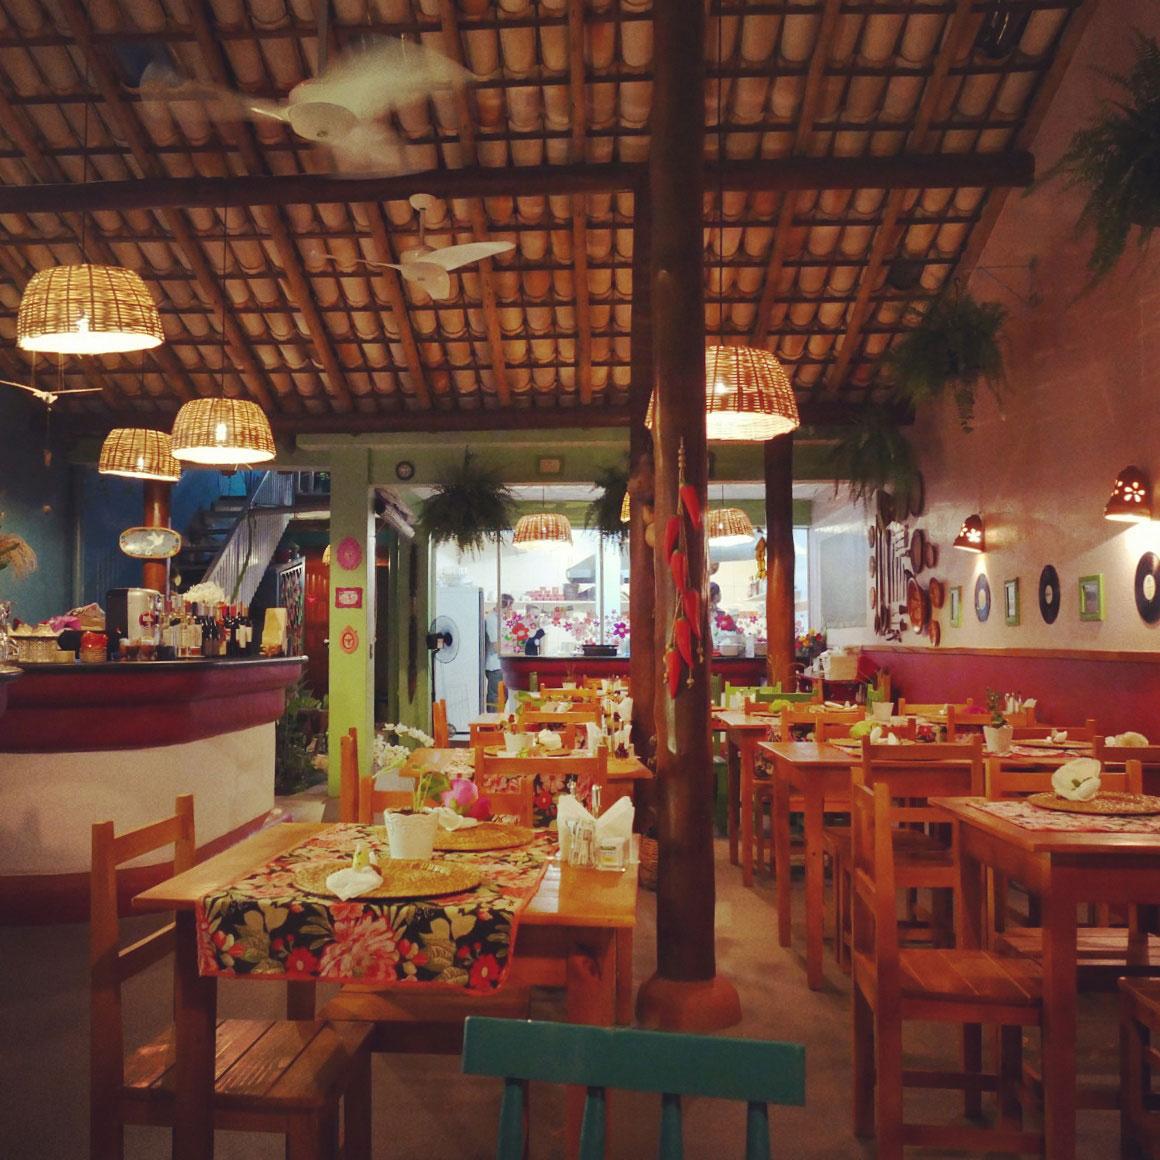 Leo's fancier restaurant in downtown Itacare, Brazil. Noah Strycker